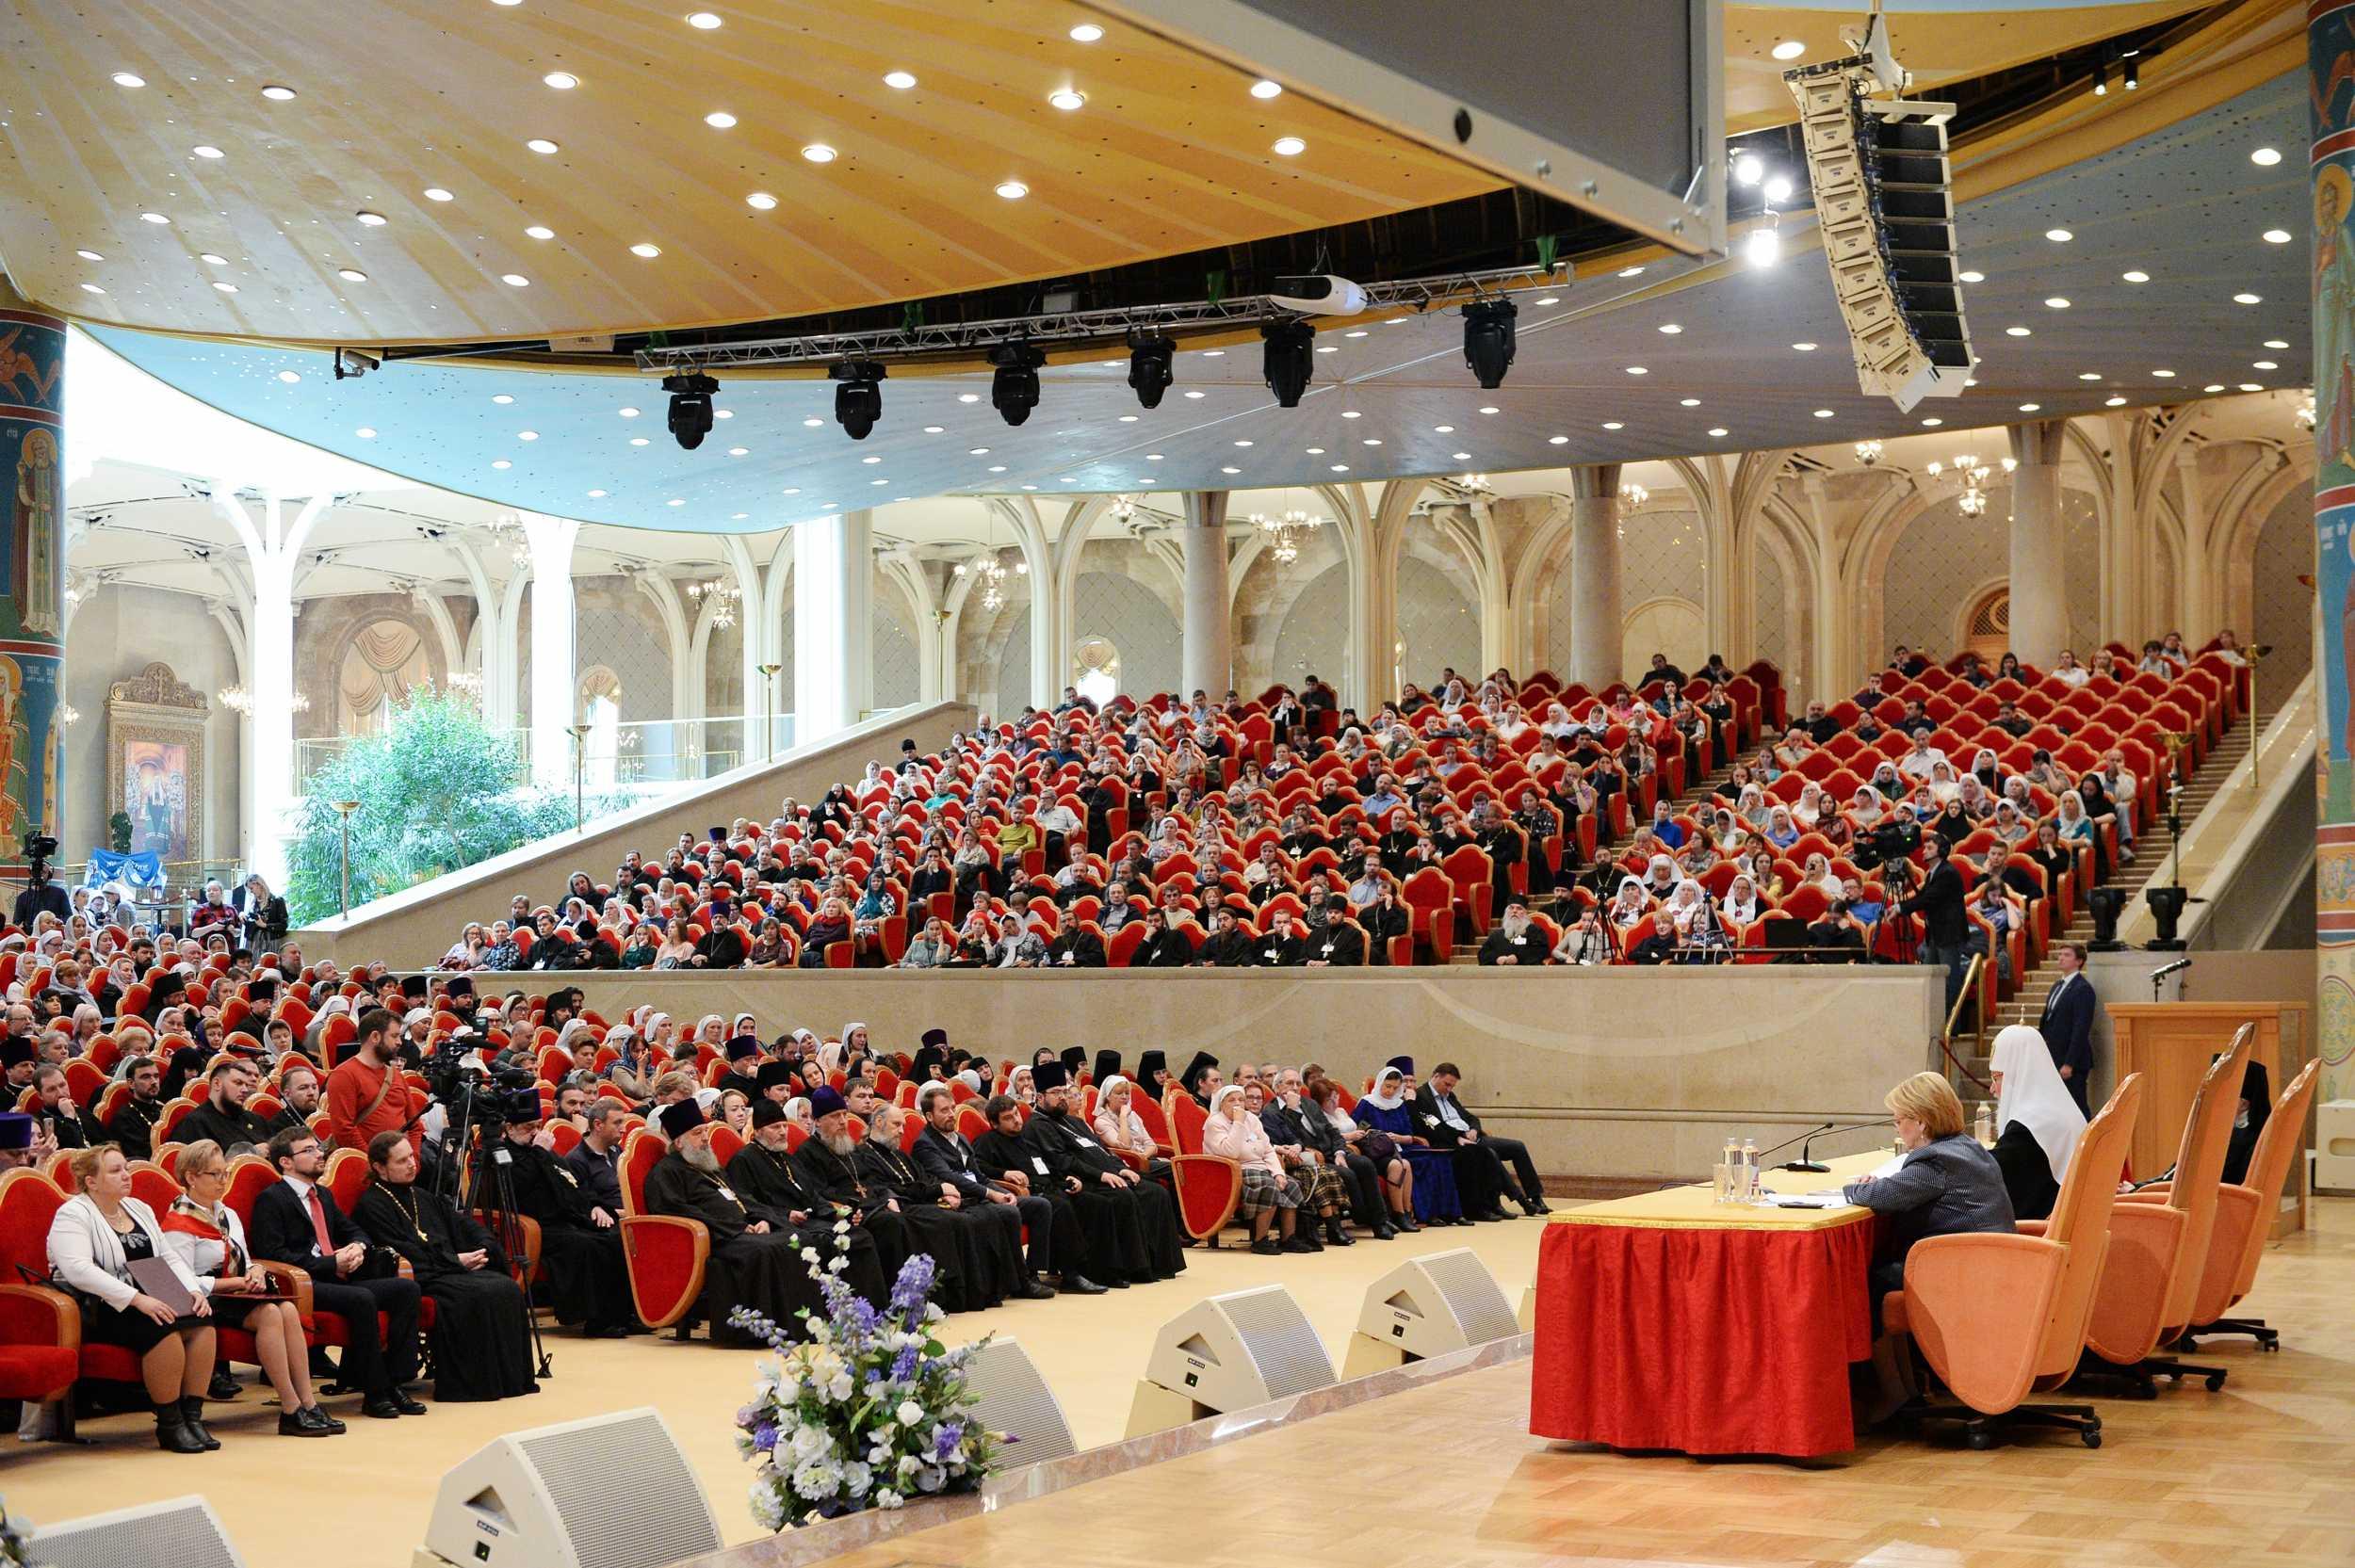 В зале церковных соборов Храма Христа Спасителя прошло итоговое пленарное заседание VIII Общецерковного съезда по социальному служению